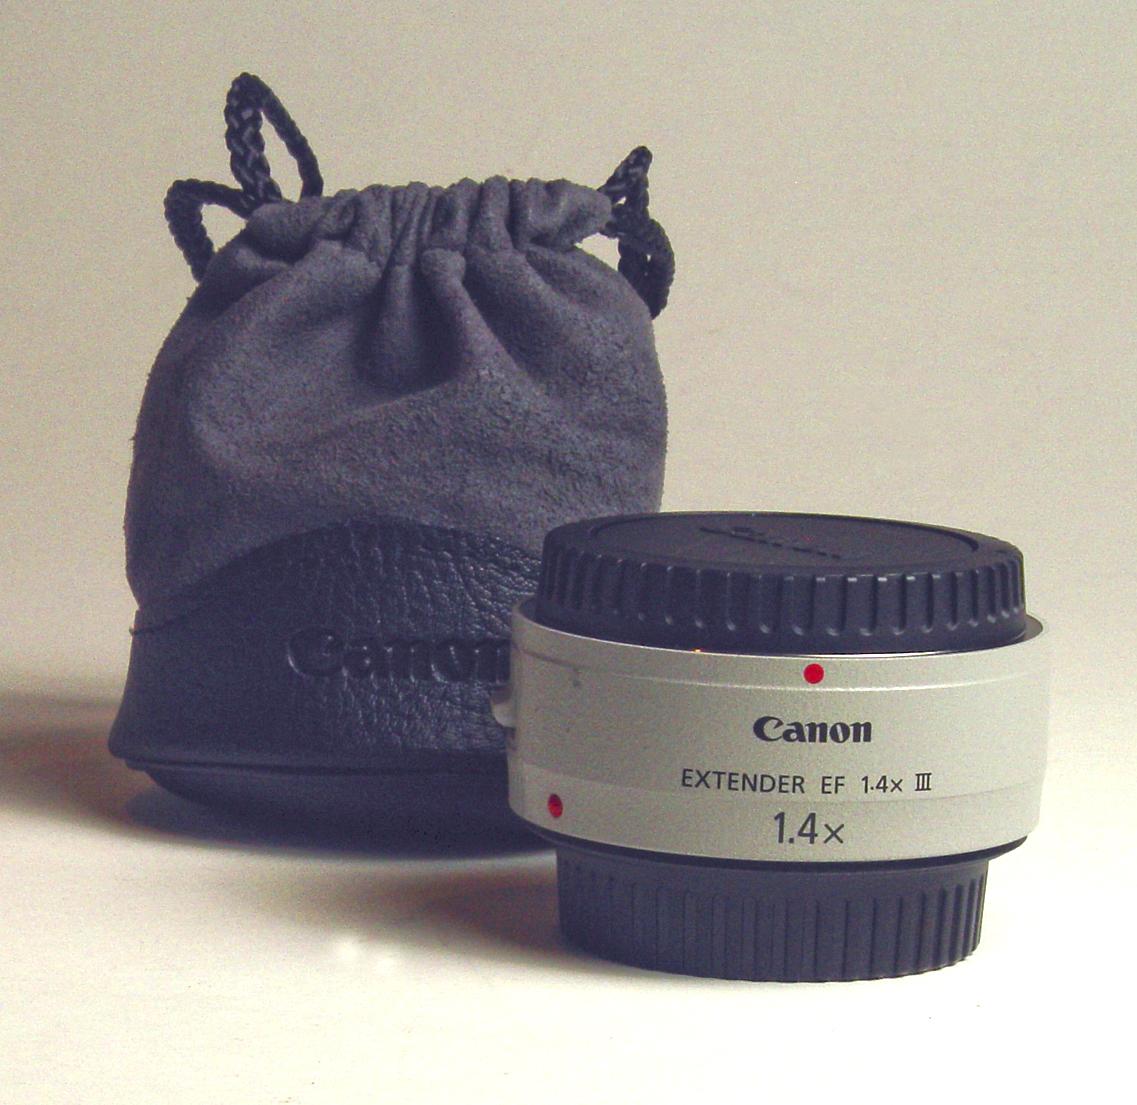 4x4 Icon Strobist Vivitar Wiring Diagram Canon Extender Ef 14x Iii